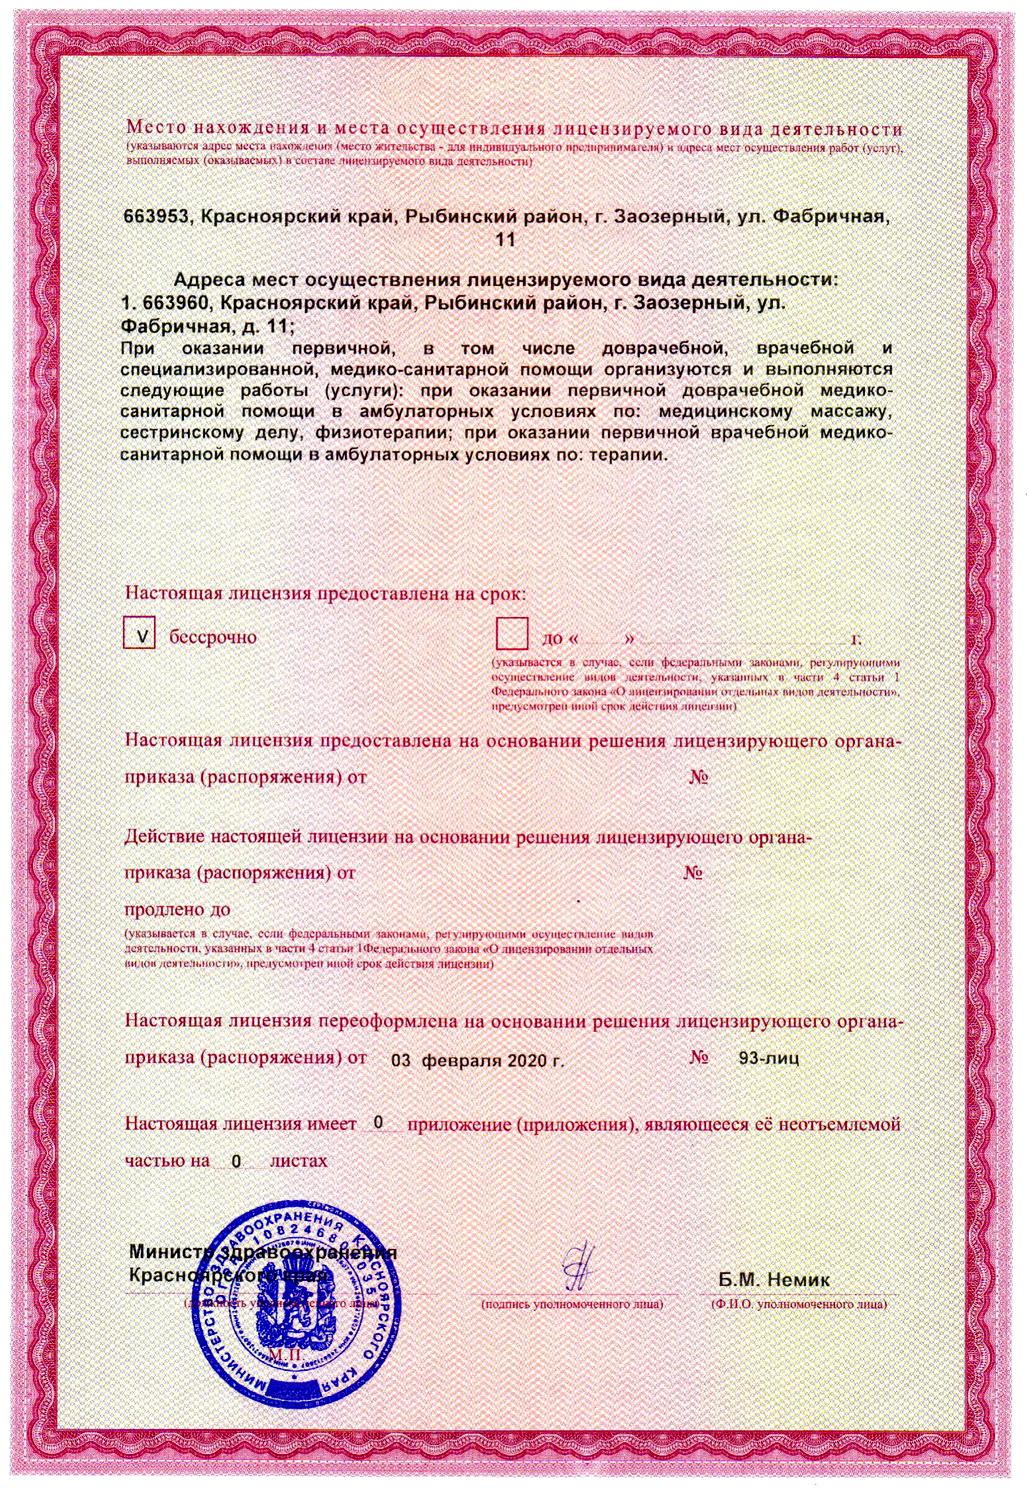 Лицензия на осуществление медицинской деятельности-2